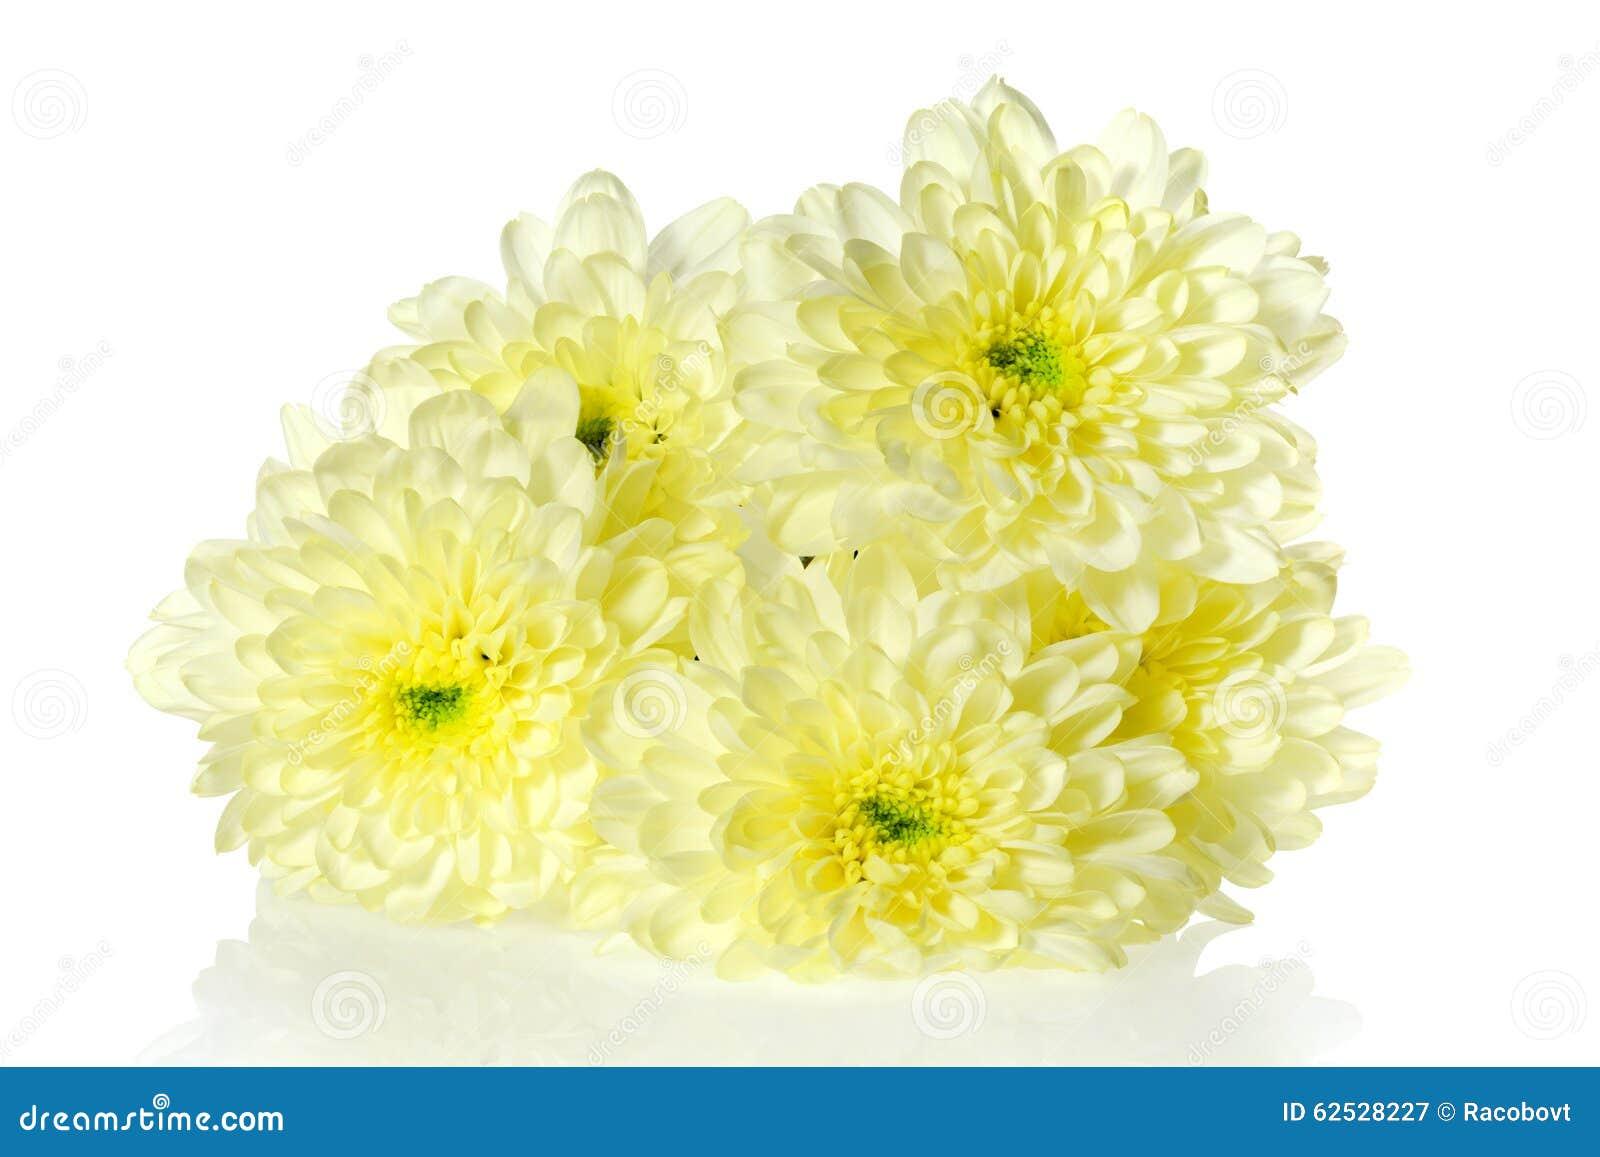 菊花开花黄色